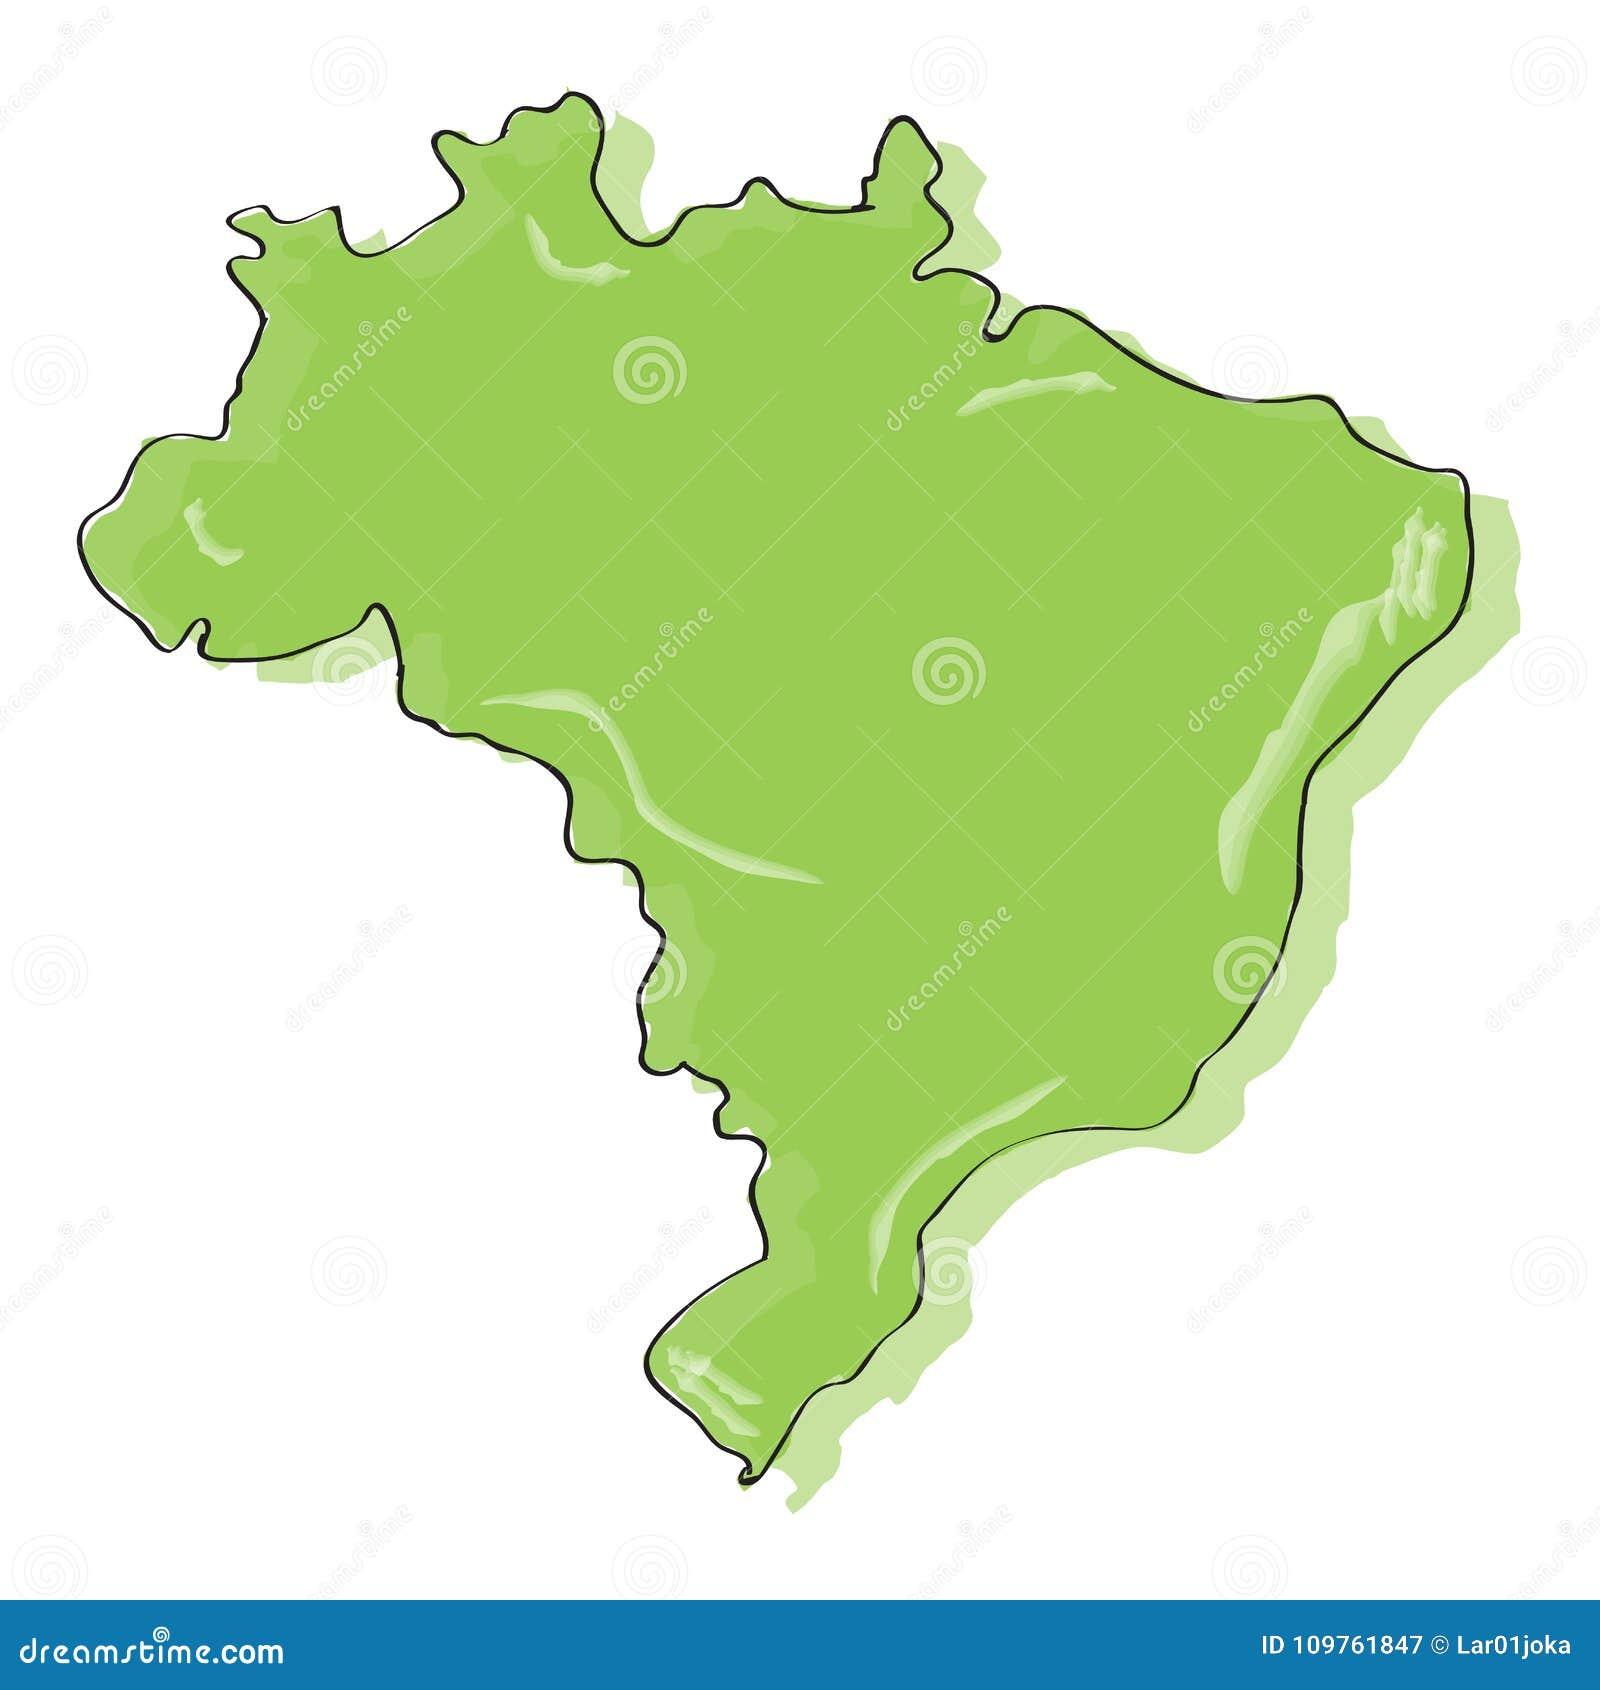 Desenho Comico De Um Mapa De Brasil Ilustracao Do Vetor